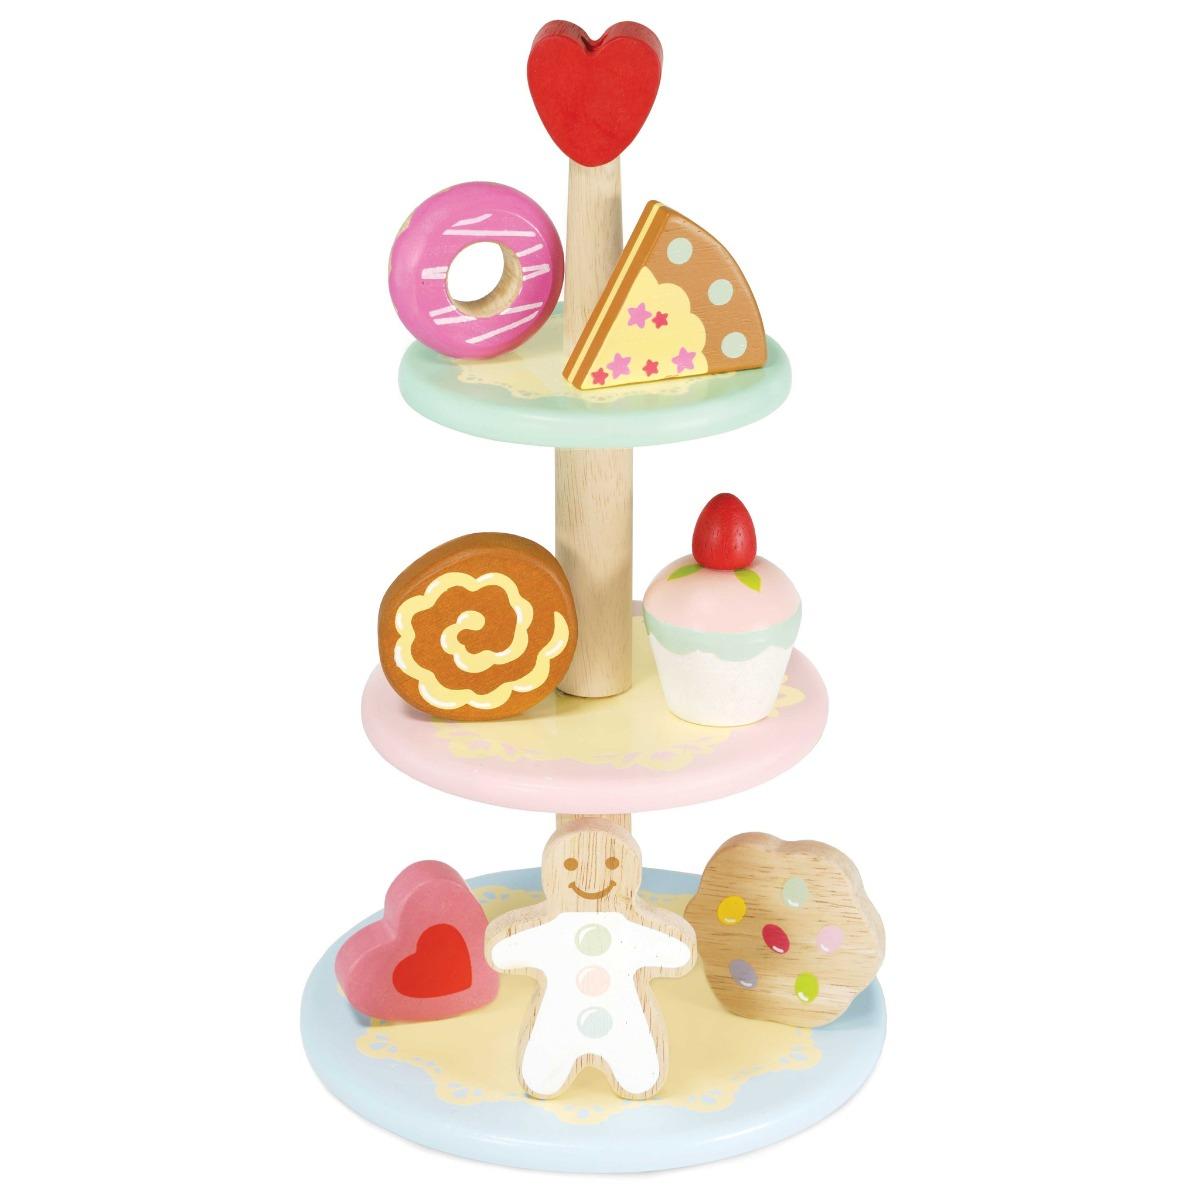 Купить Игрушечная еда Le Toy Van Этажерка с пирожными,